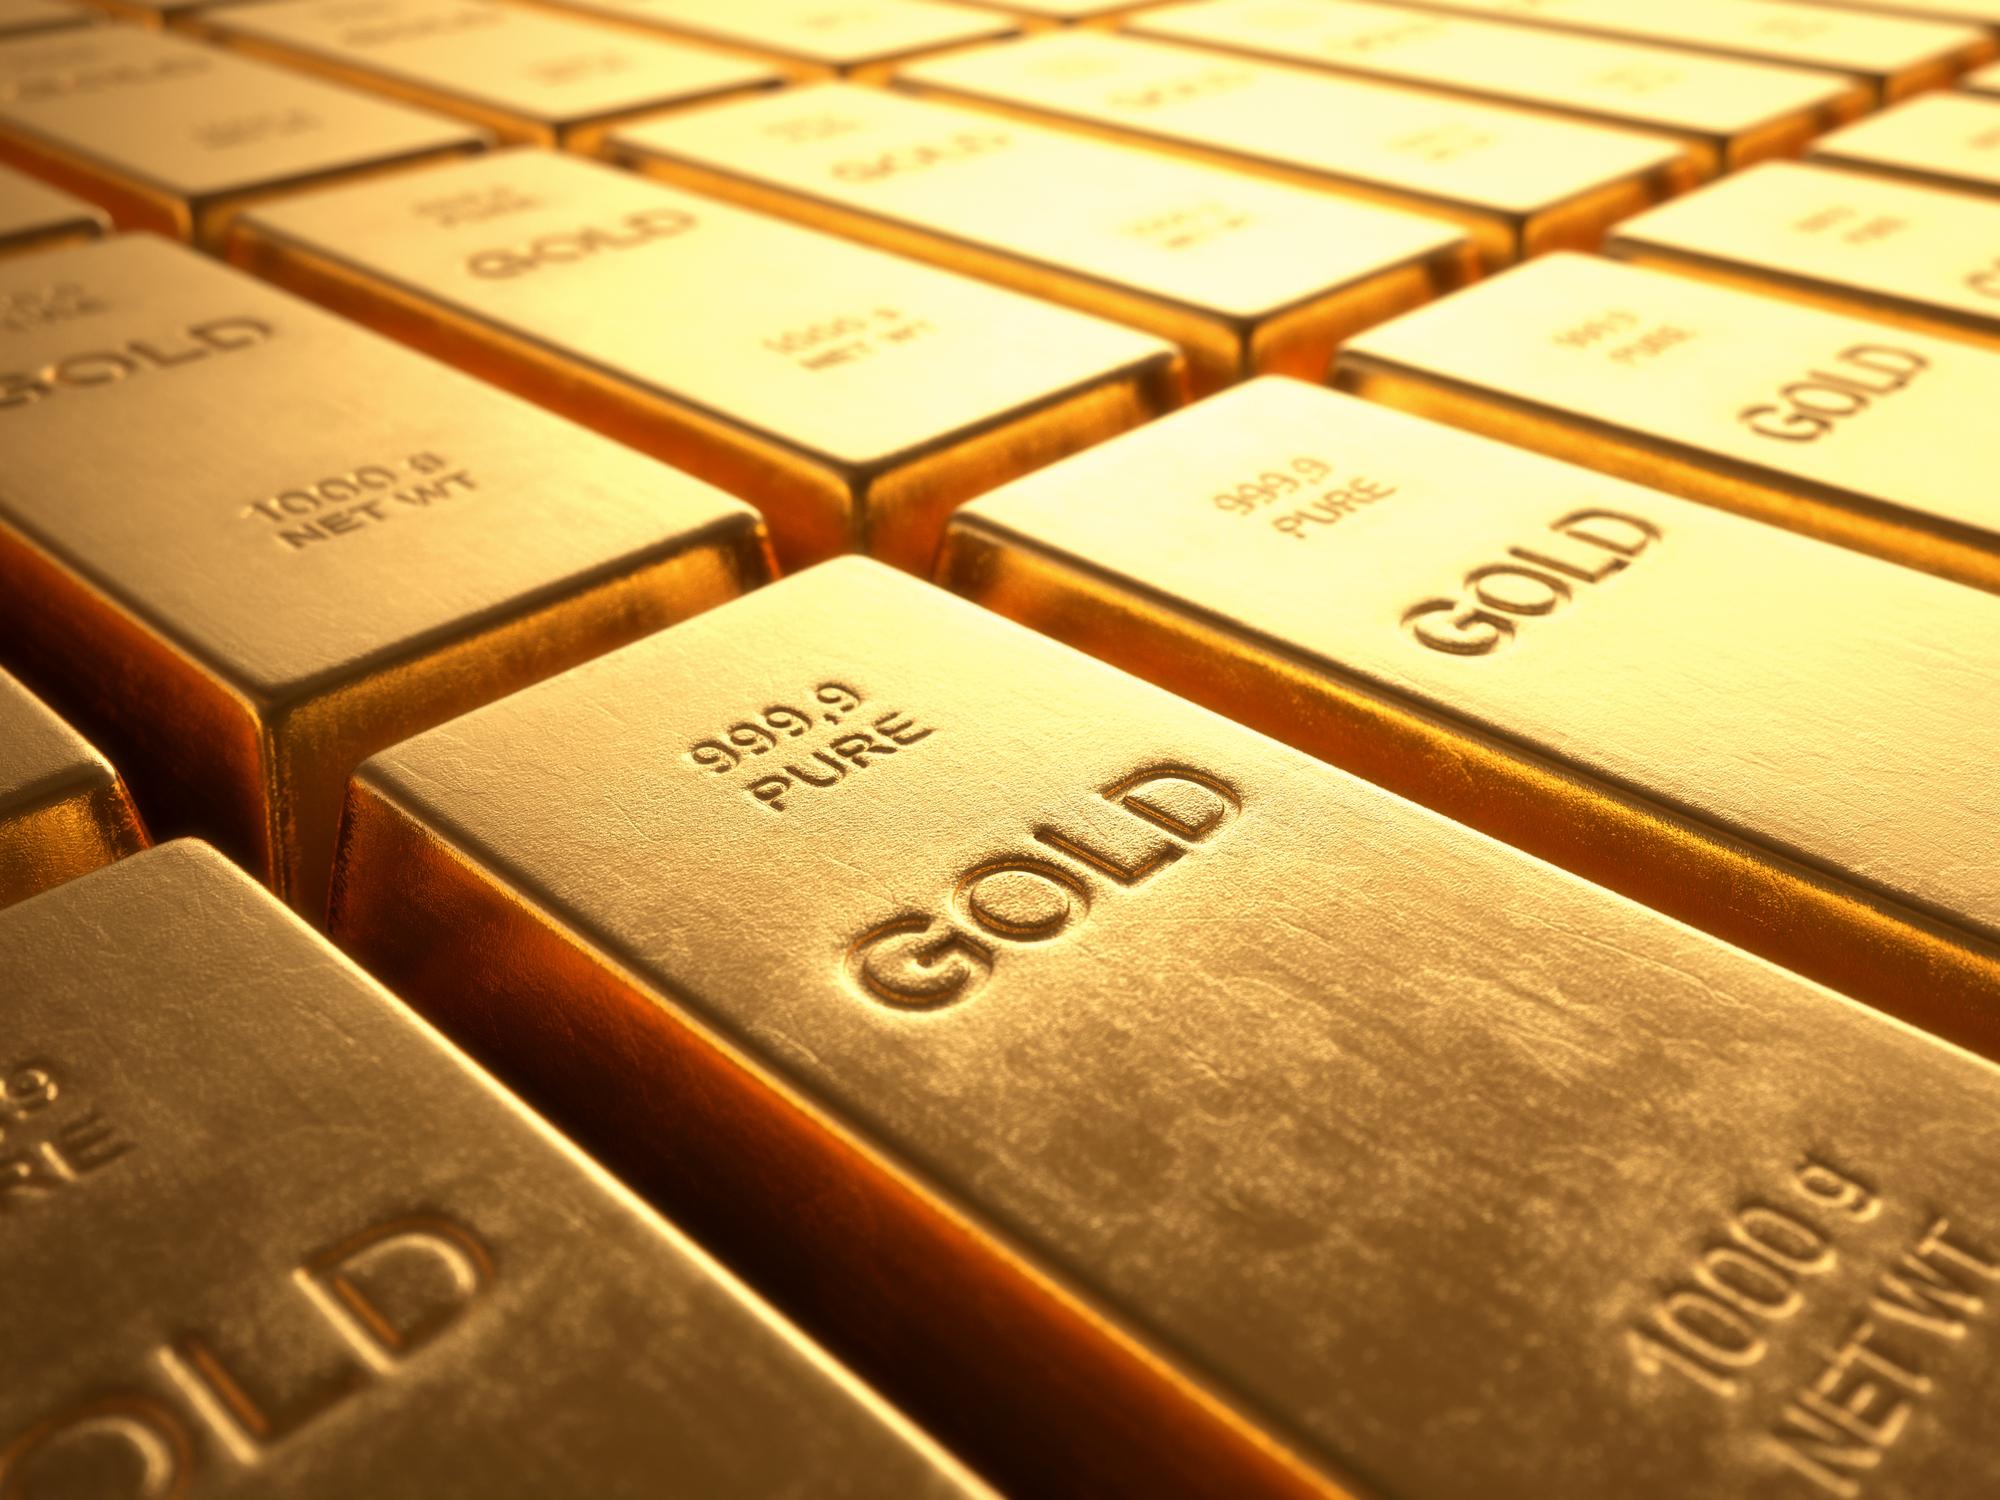 Rows of shiny gold bars.